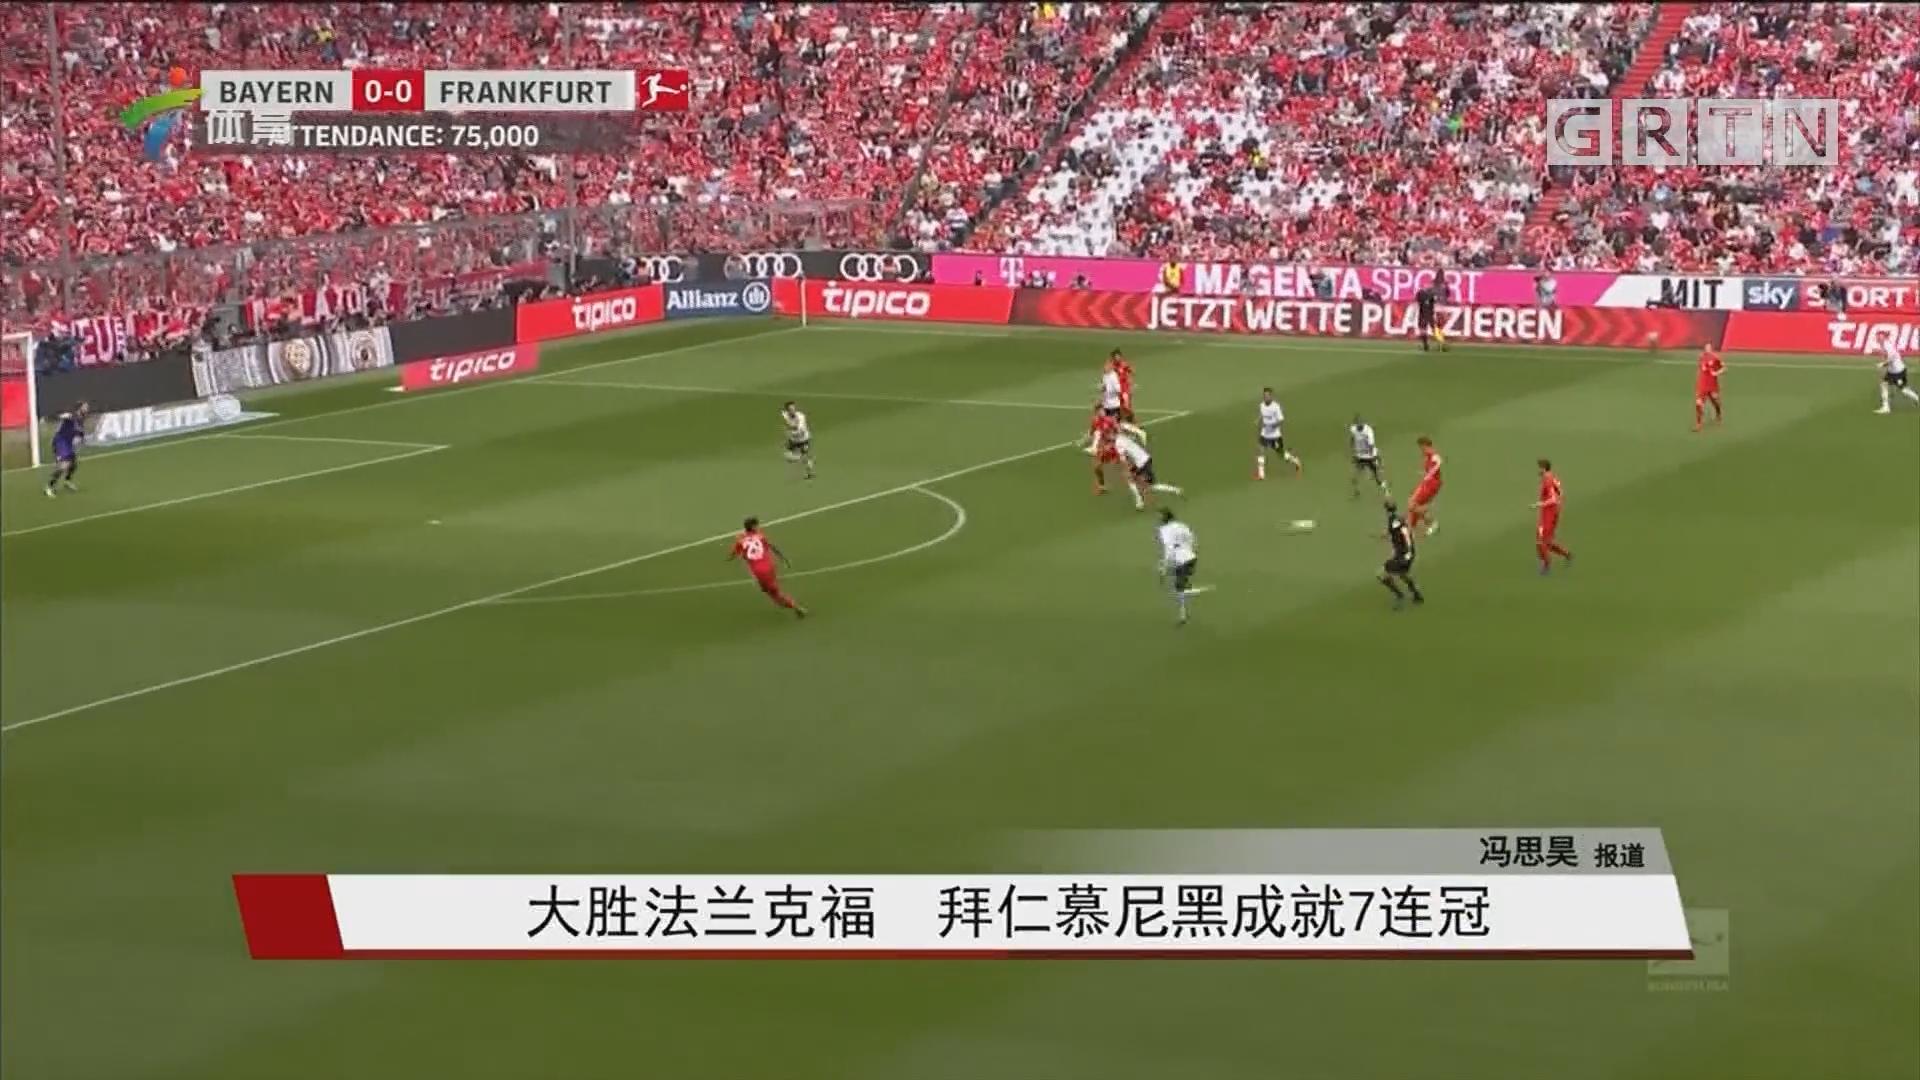 大胜法兰克福 拜仁慕尼黑成就7连冠